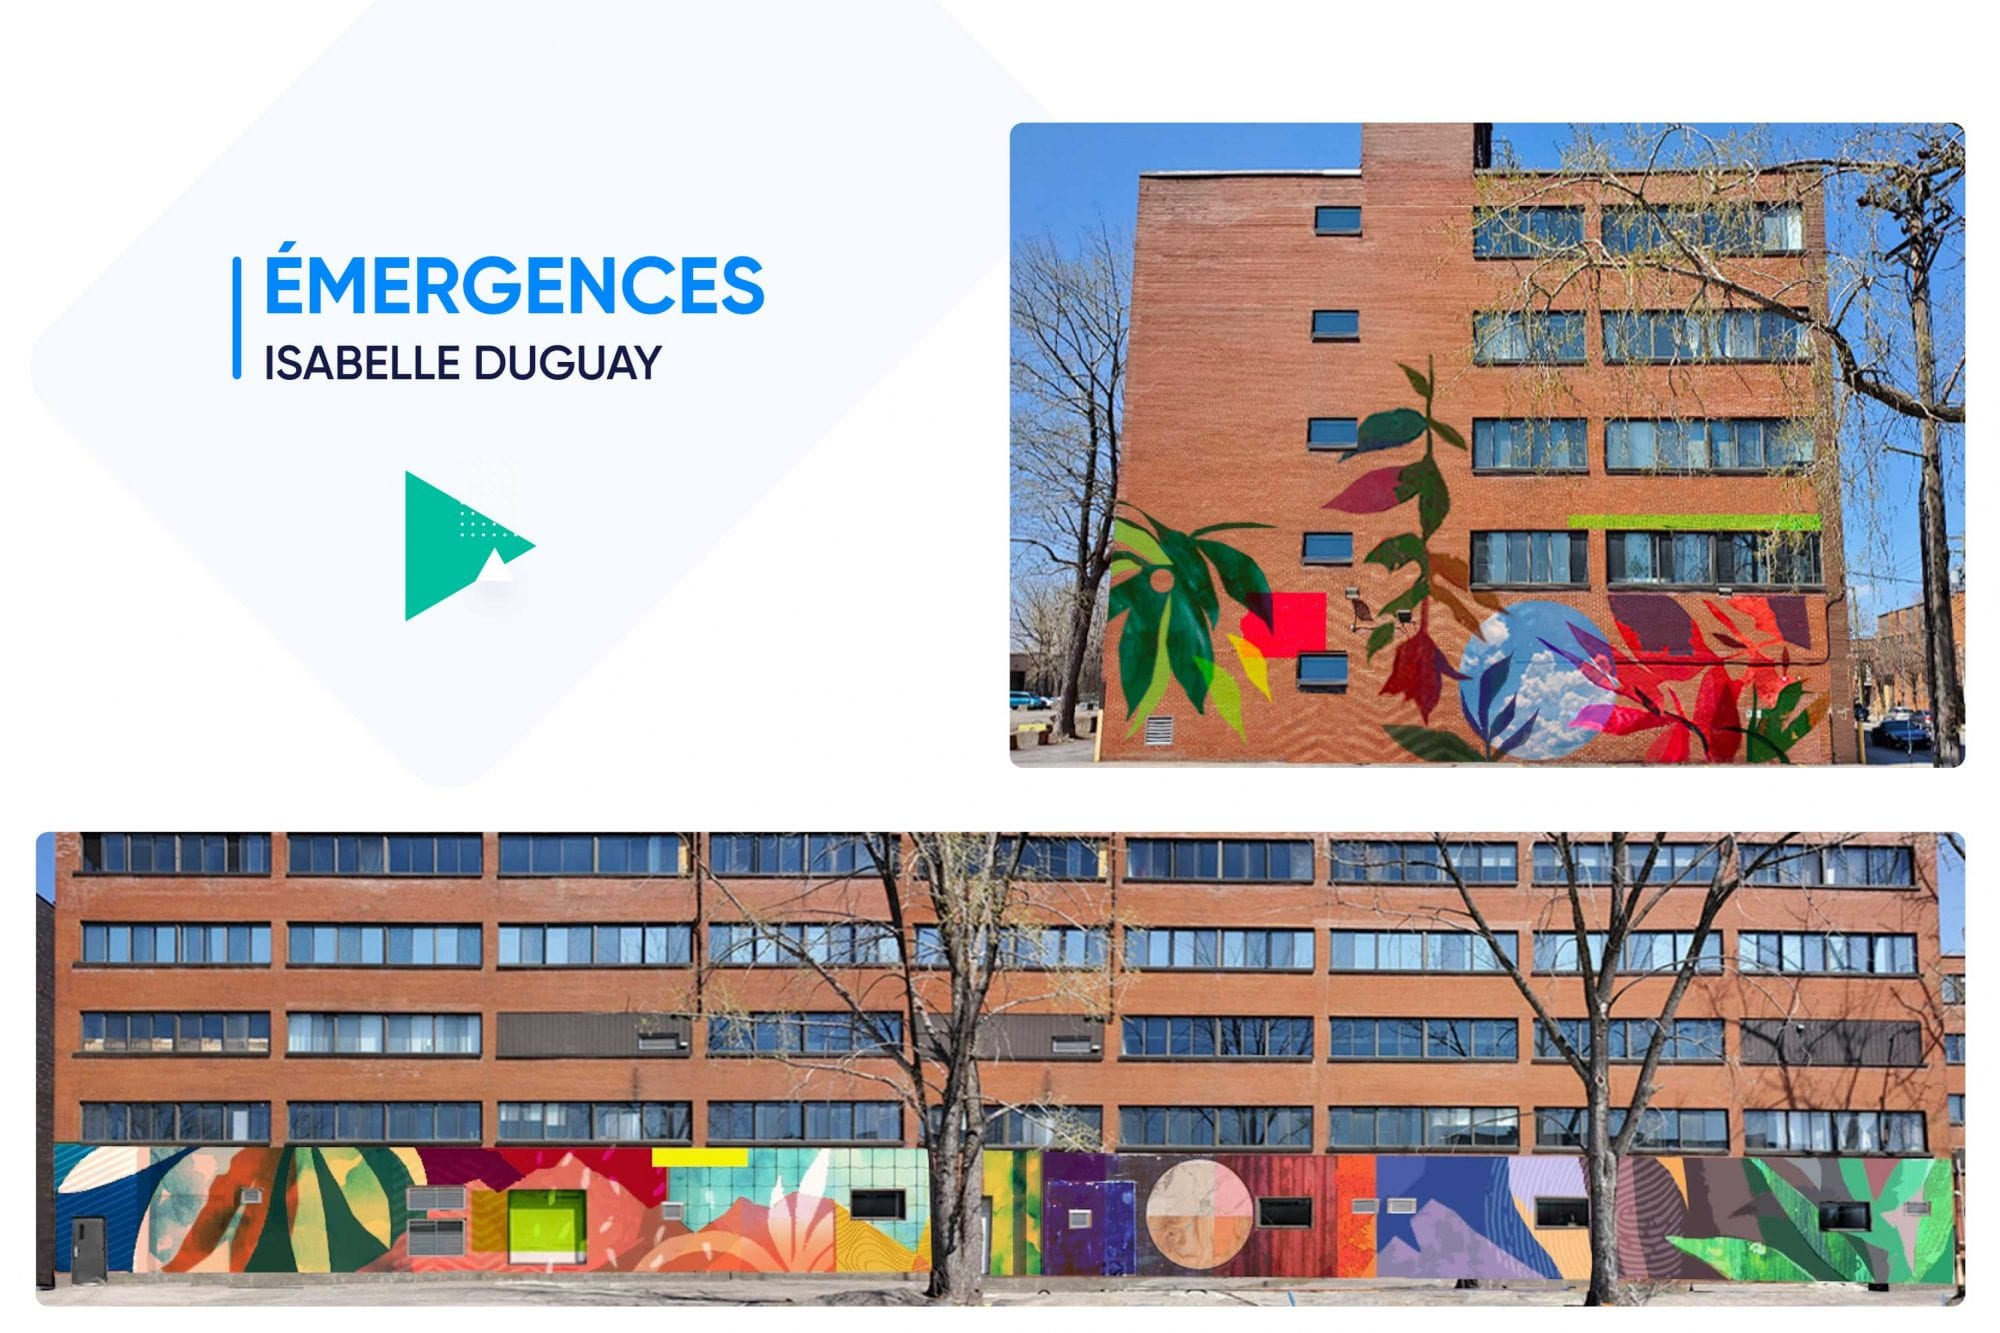 Émergences de Isabelle Duguay - Canderel 6600 St Urbain - Intégration artistique MASSIVart